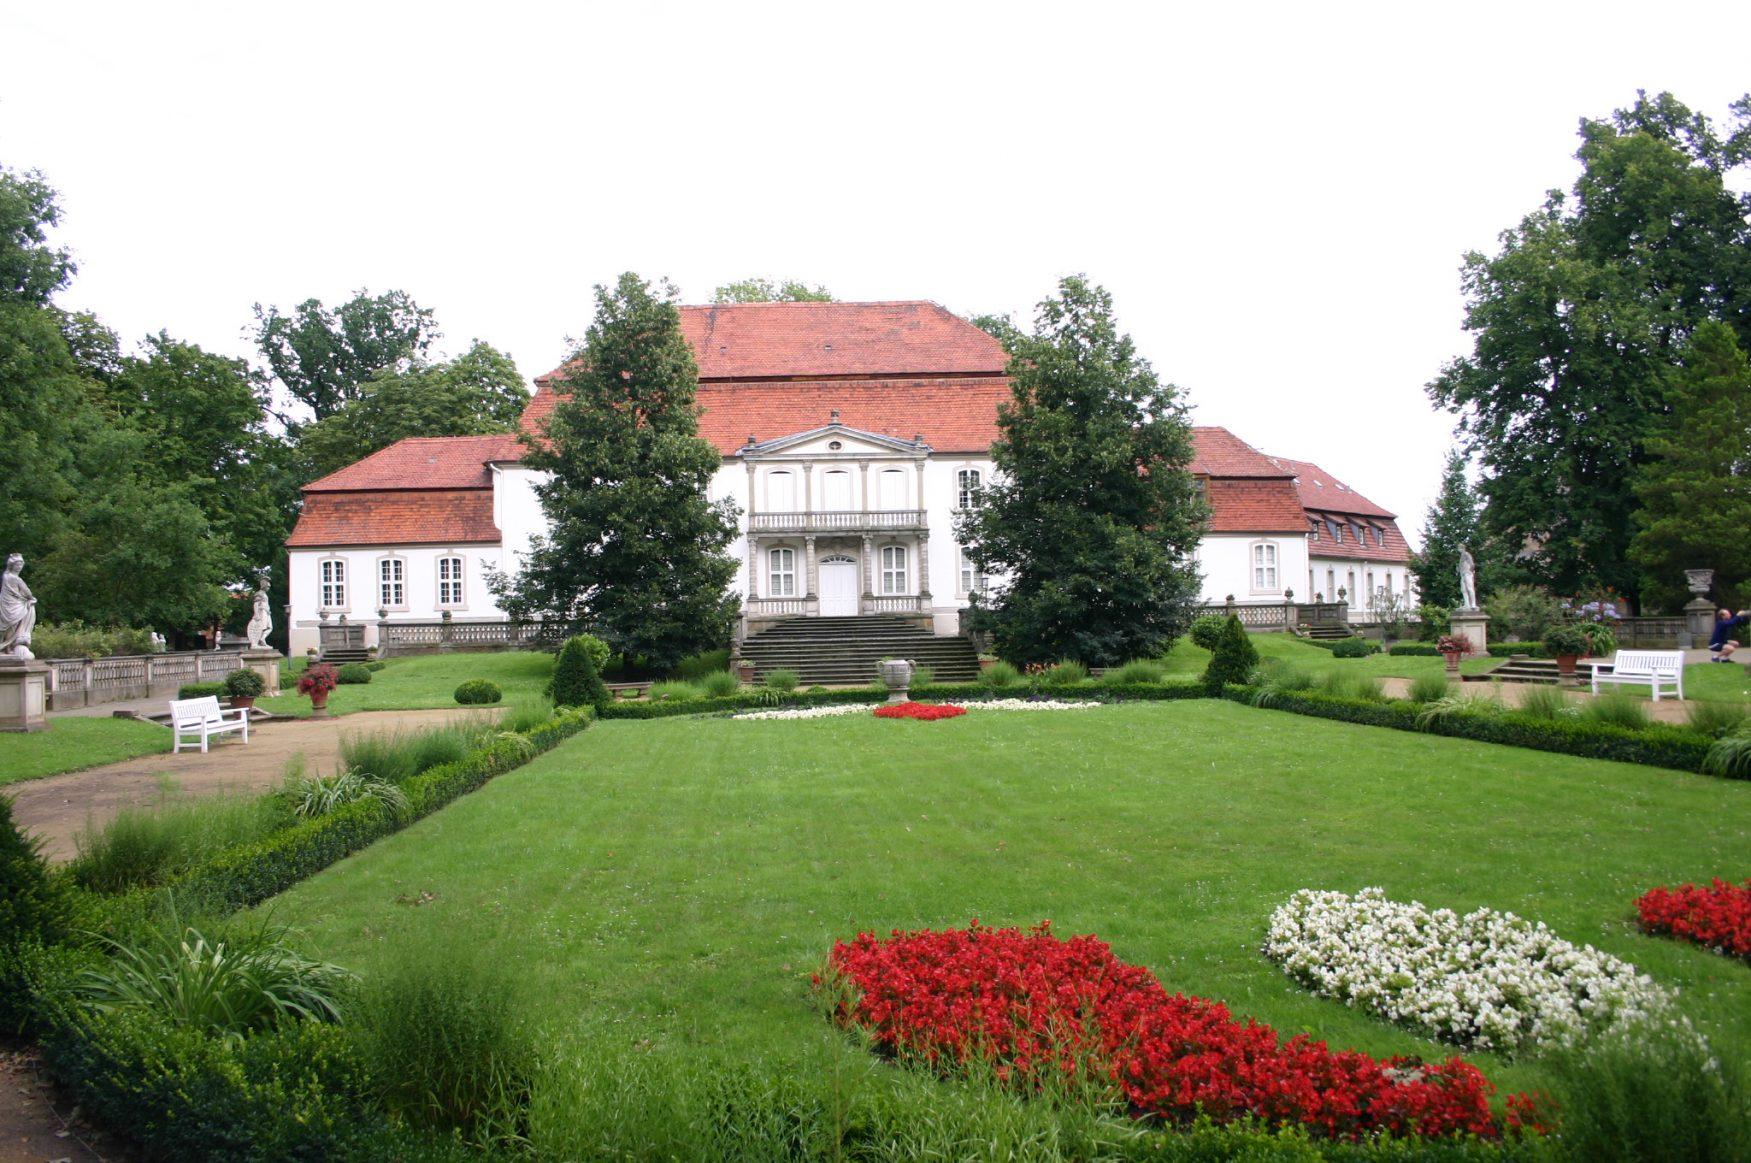 Schloss Wiepersdorf im Fläming, Foto: D.Weirauch